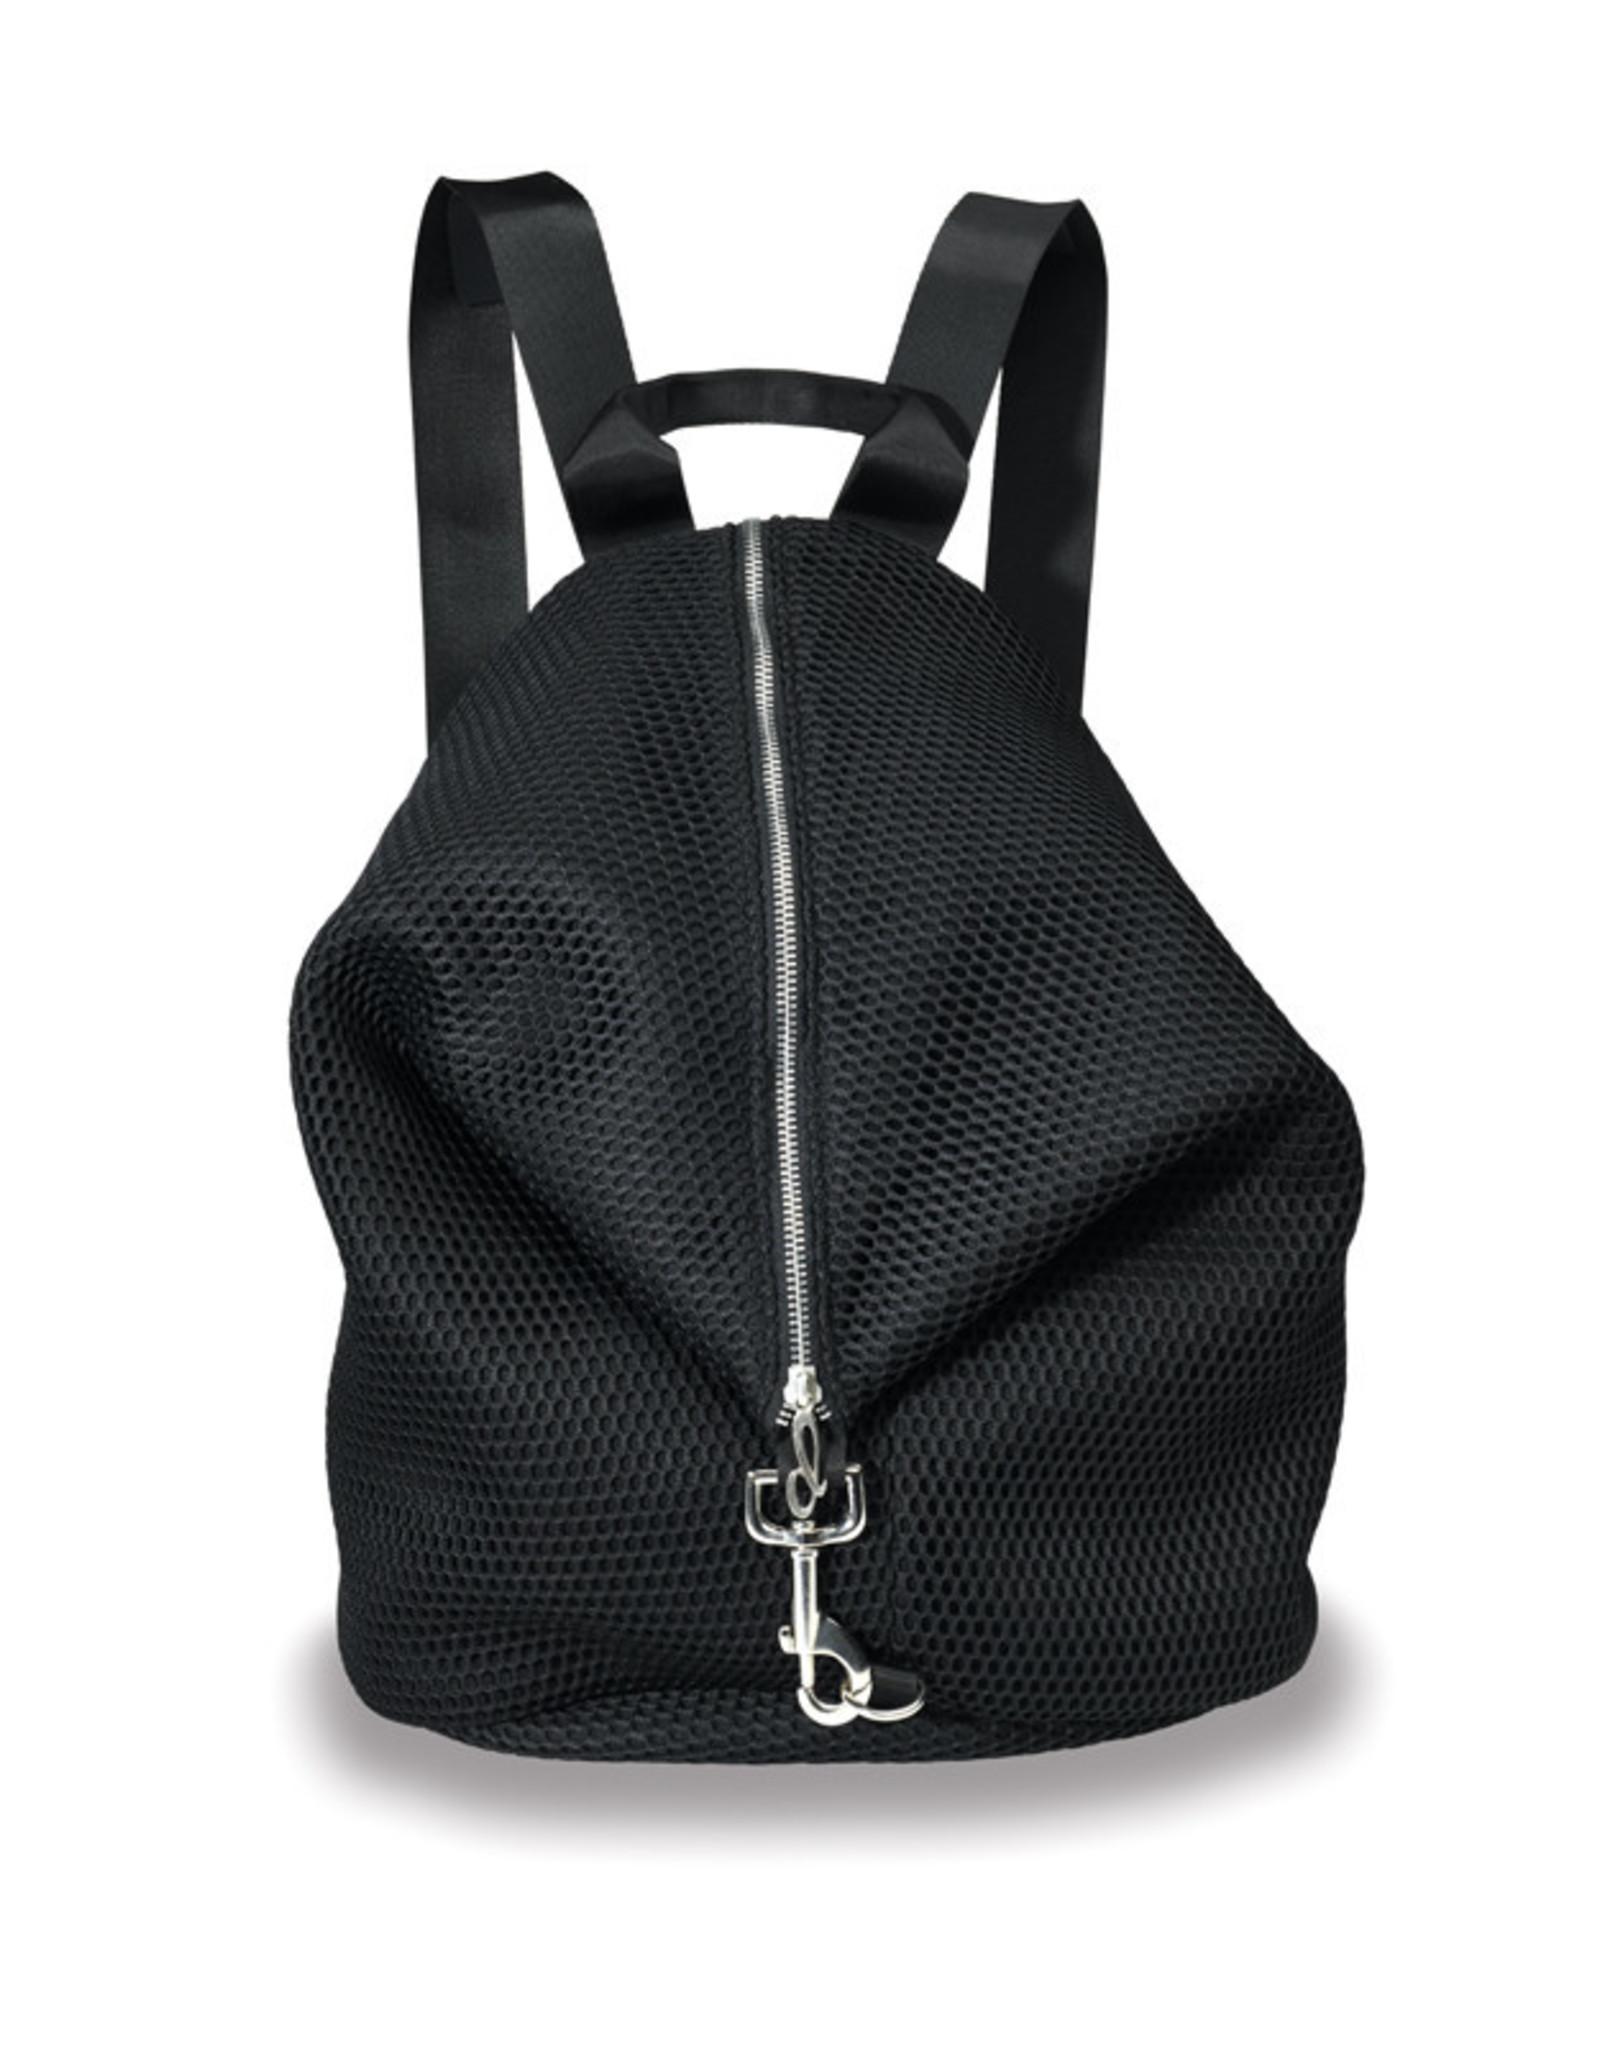 My Everywhere Bag